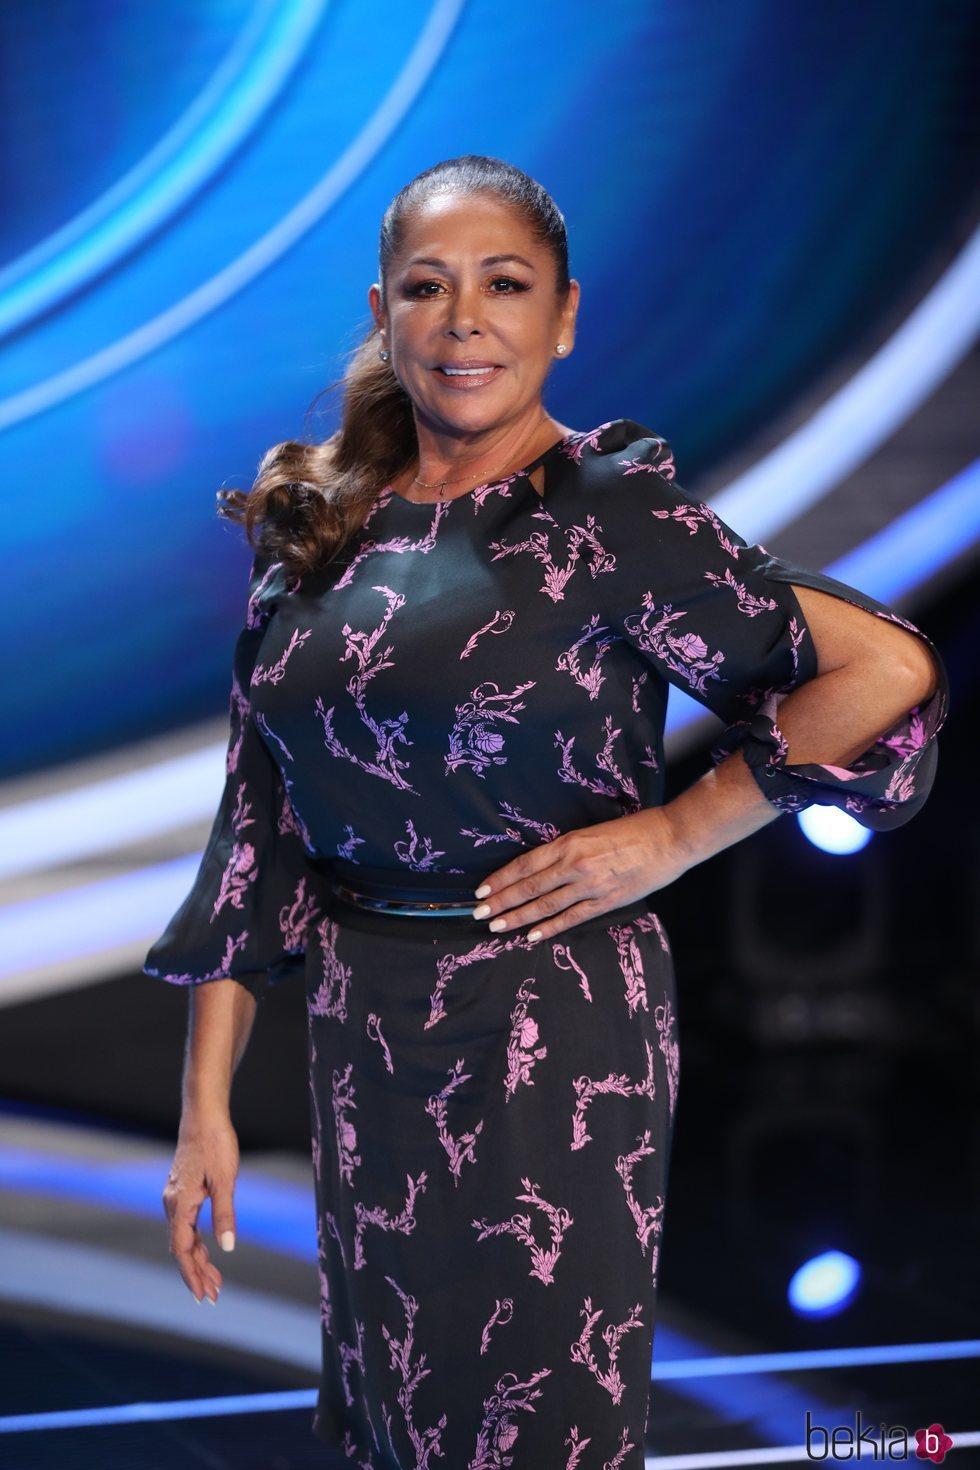 Isabel Pantoja posa muy elegante en la presentación de 'Idol Kids'